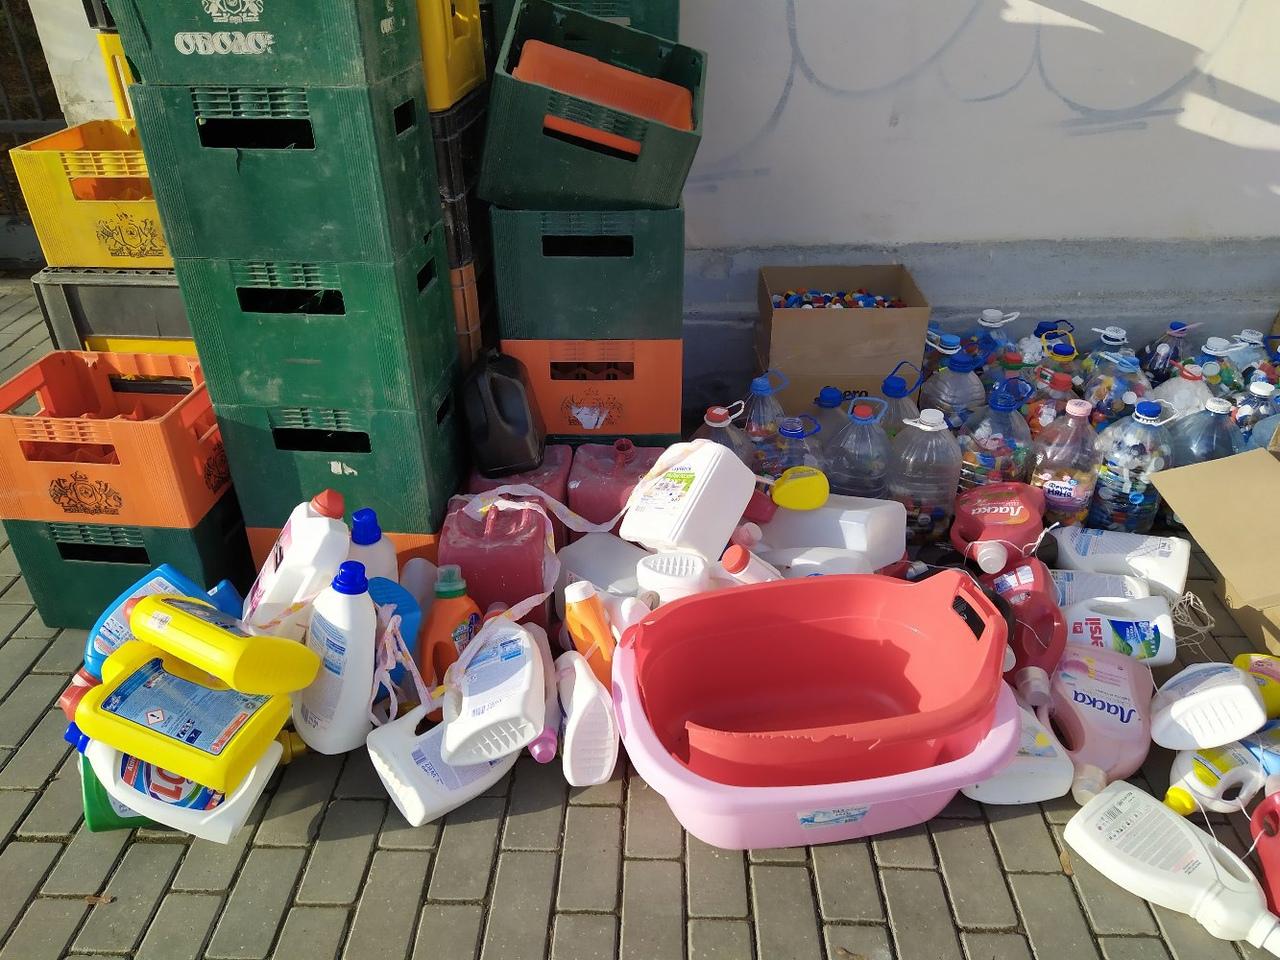 В Севастополе эко-активисты собрали 58 тонн мусора на переработку (фото)